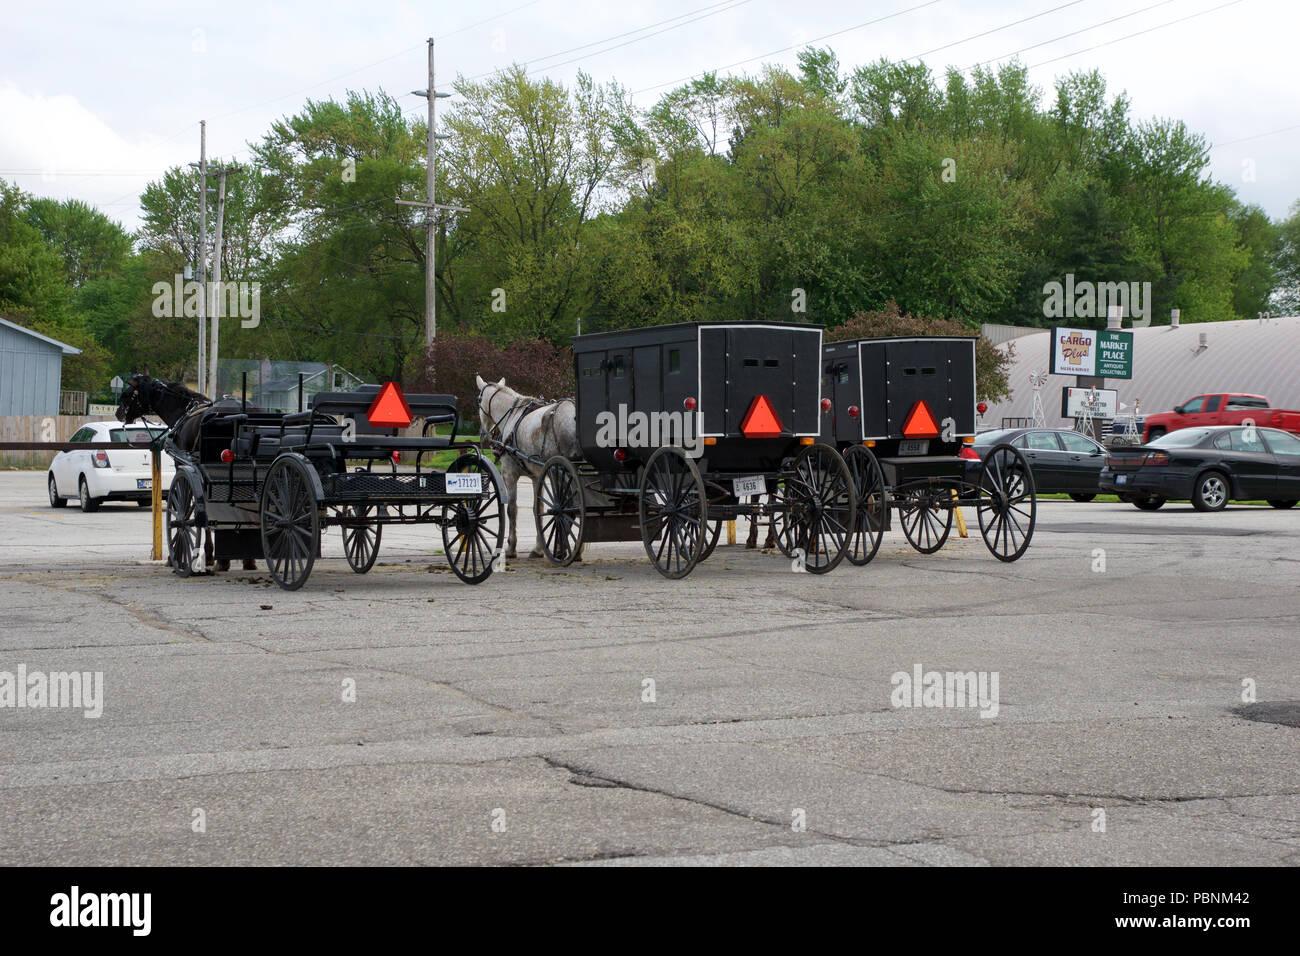 Indiana County Pennsylvania Stock Photos & Indiana County